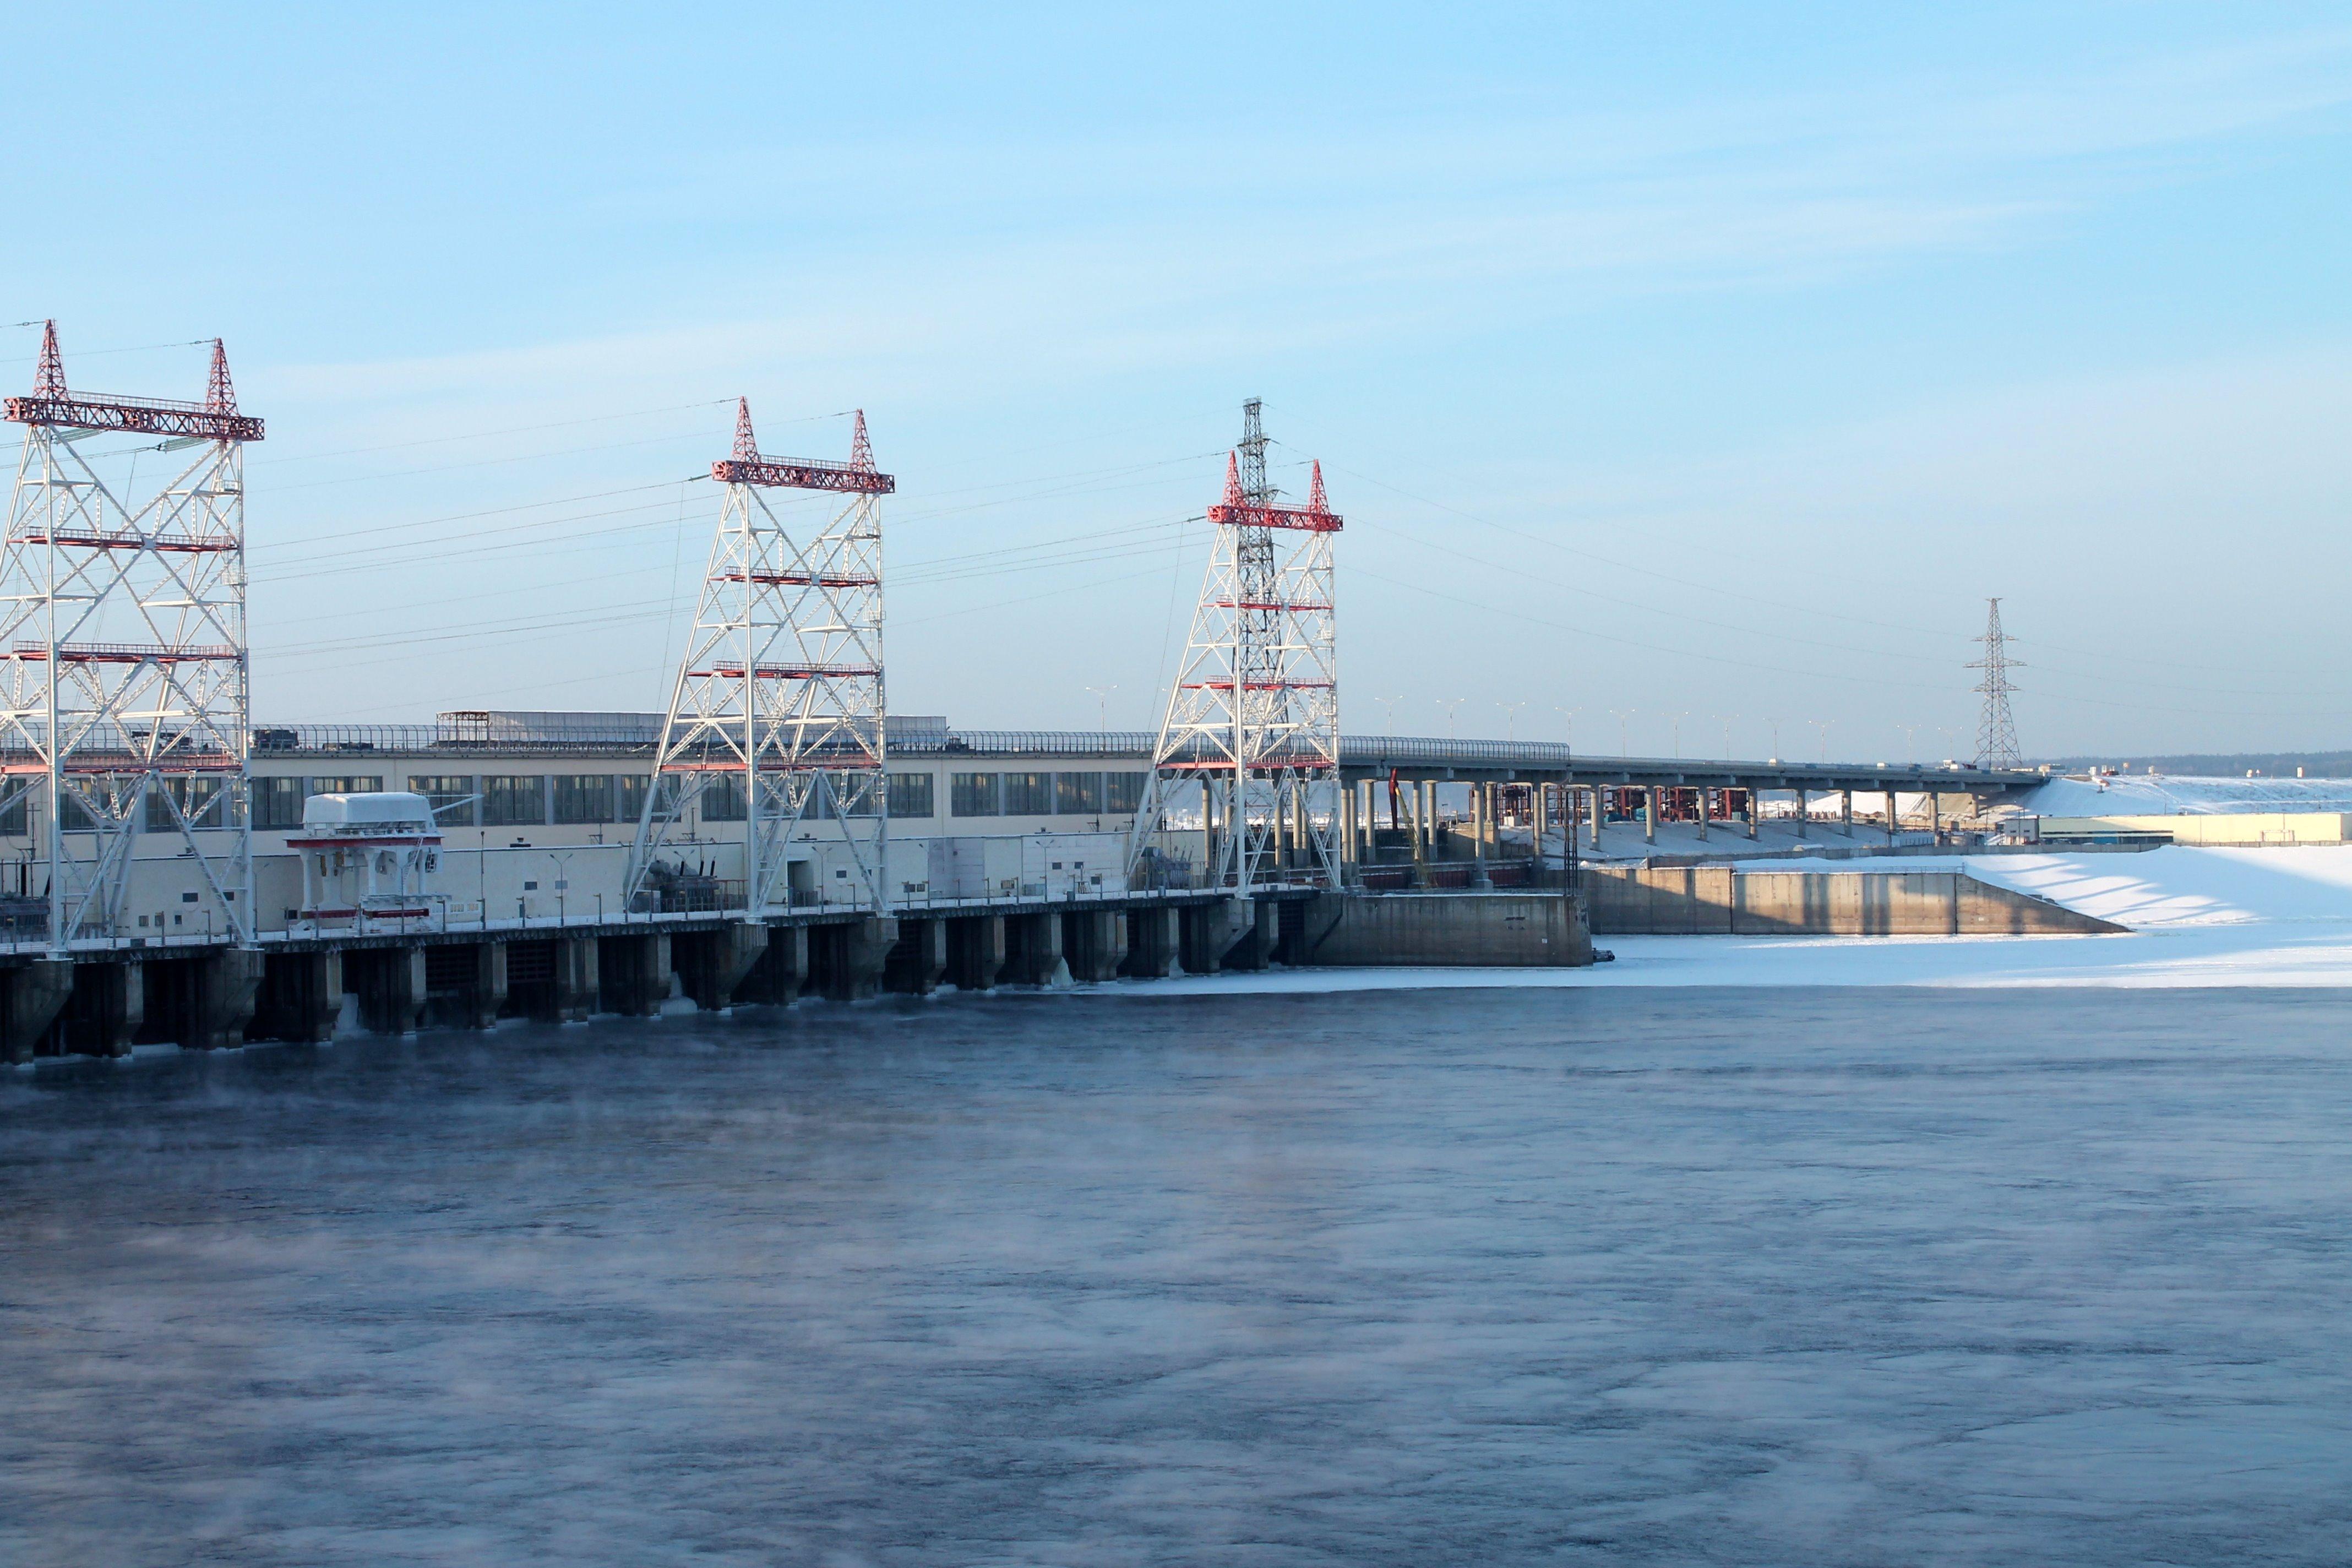 Чебоксарская гидроэлектростанция фото совсем